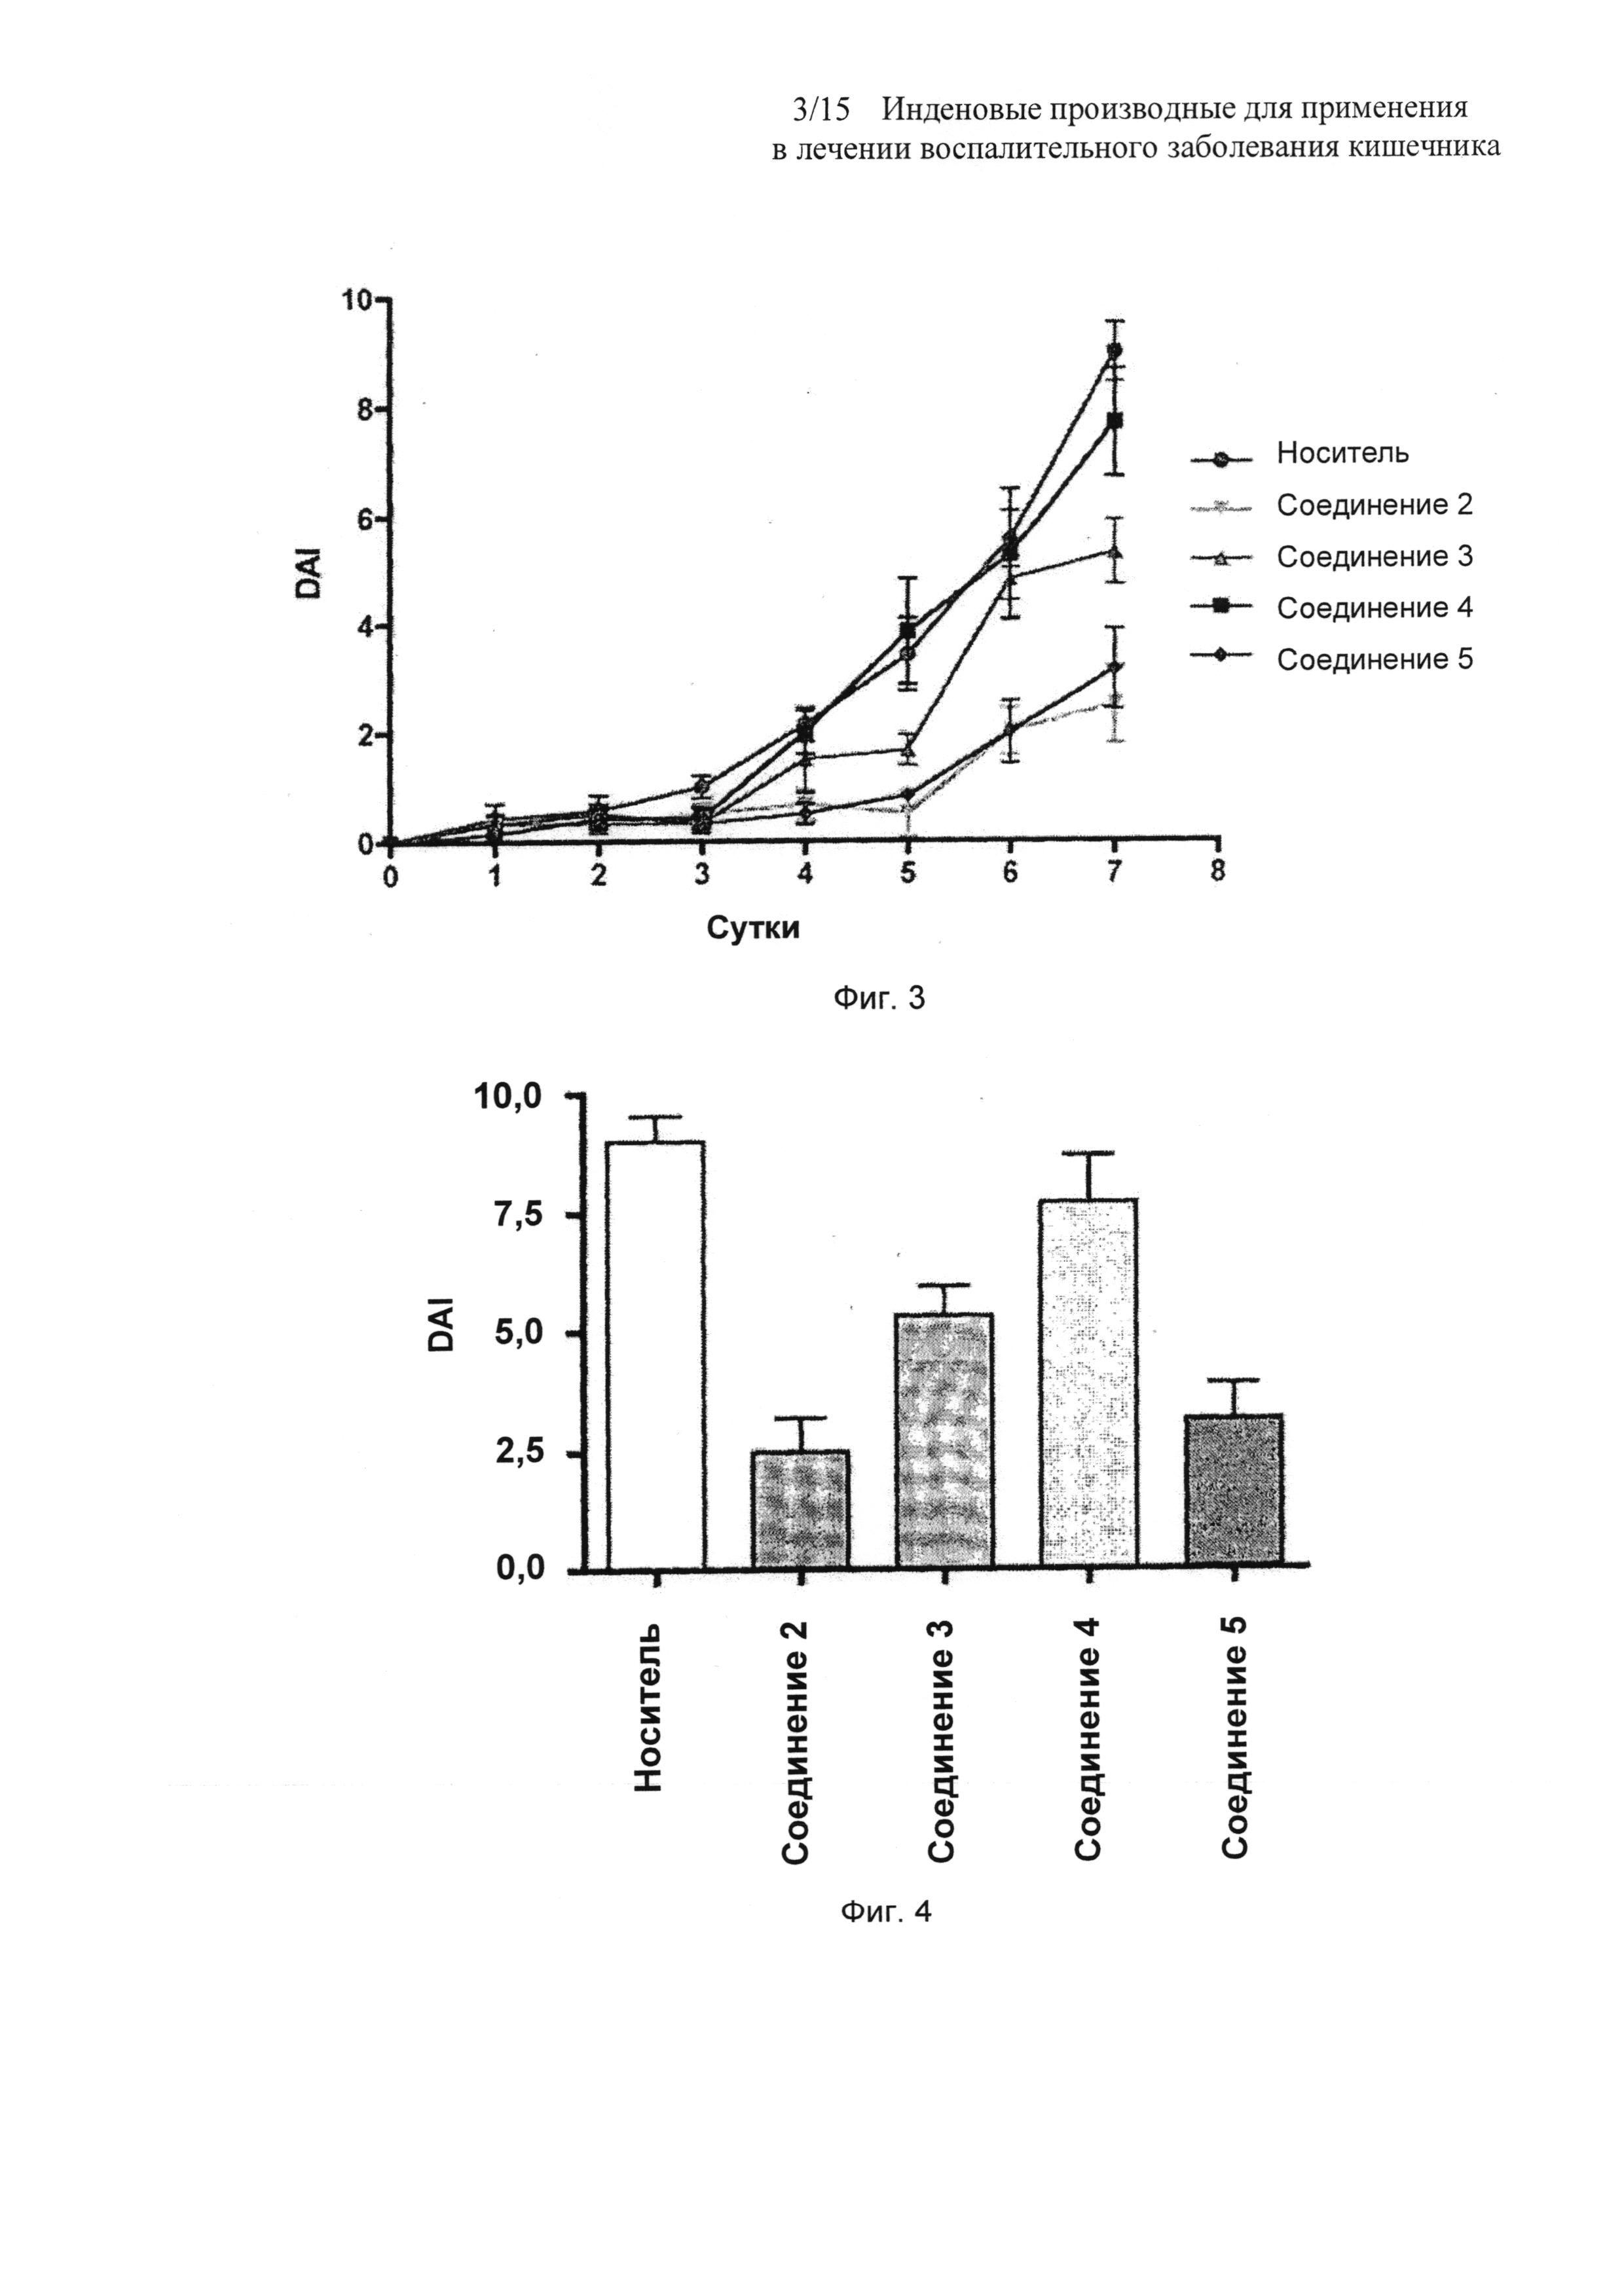 Инденовые производные для применения в лечении воспалительного заболевания кишечника